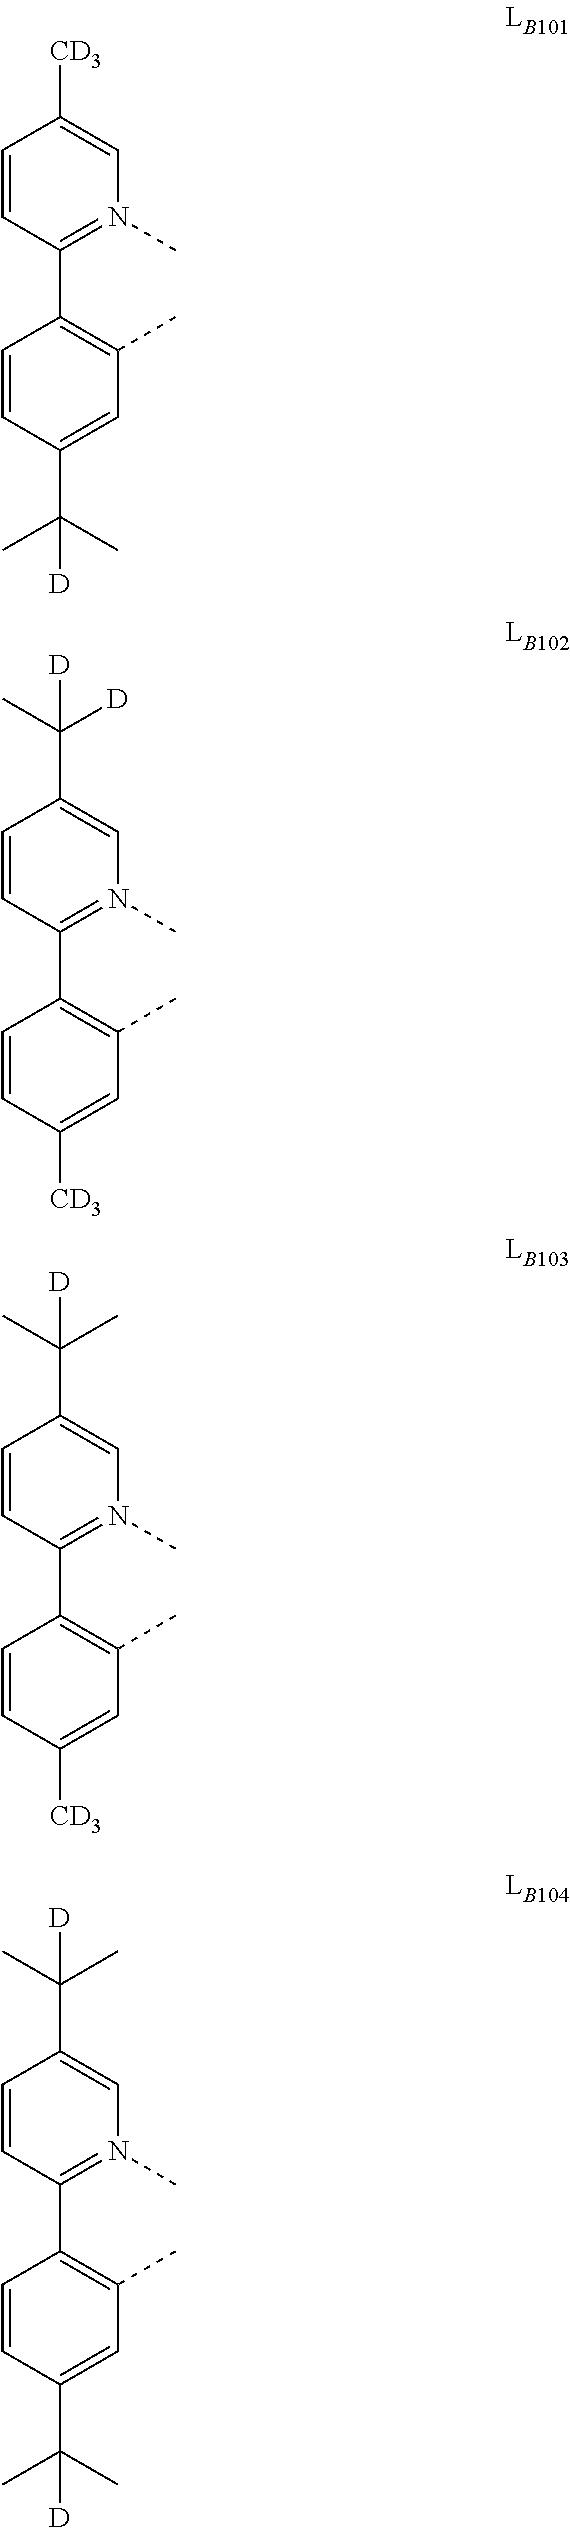 Figure US20180130962A1-20180510-C00085